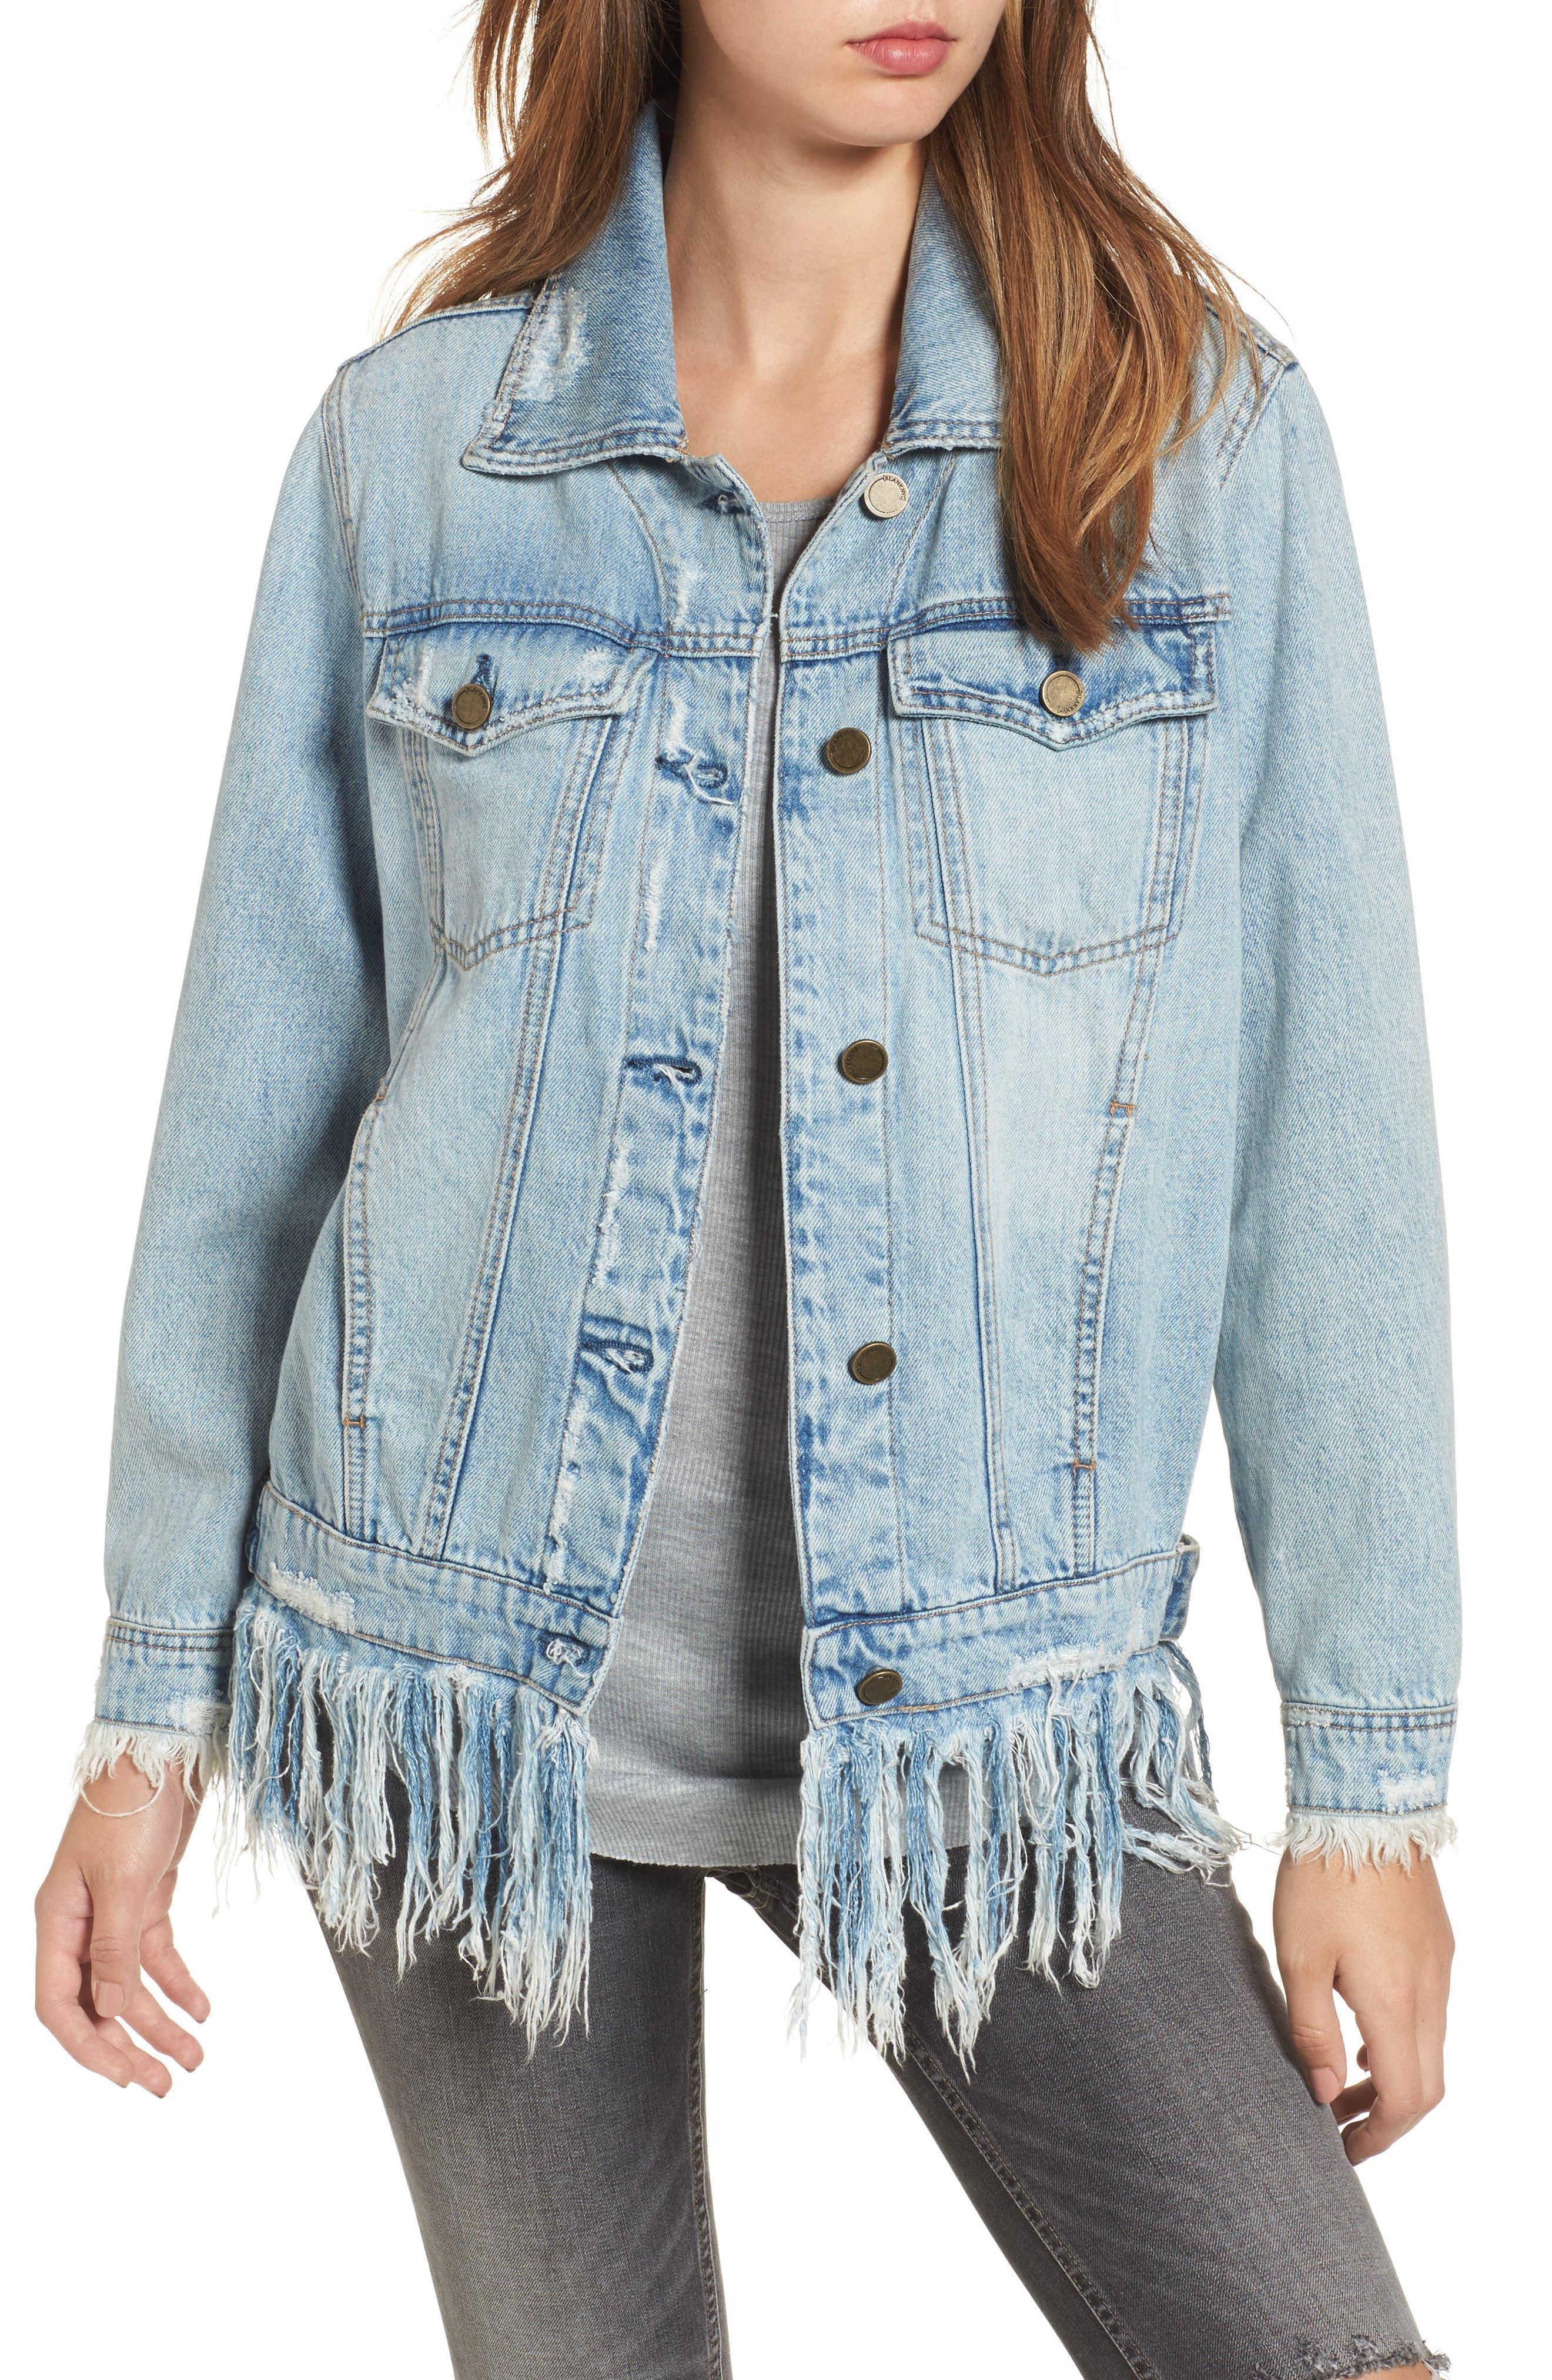 Whiplash Denim Jacket,                         Main,                         color, Whiplash Blue